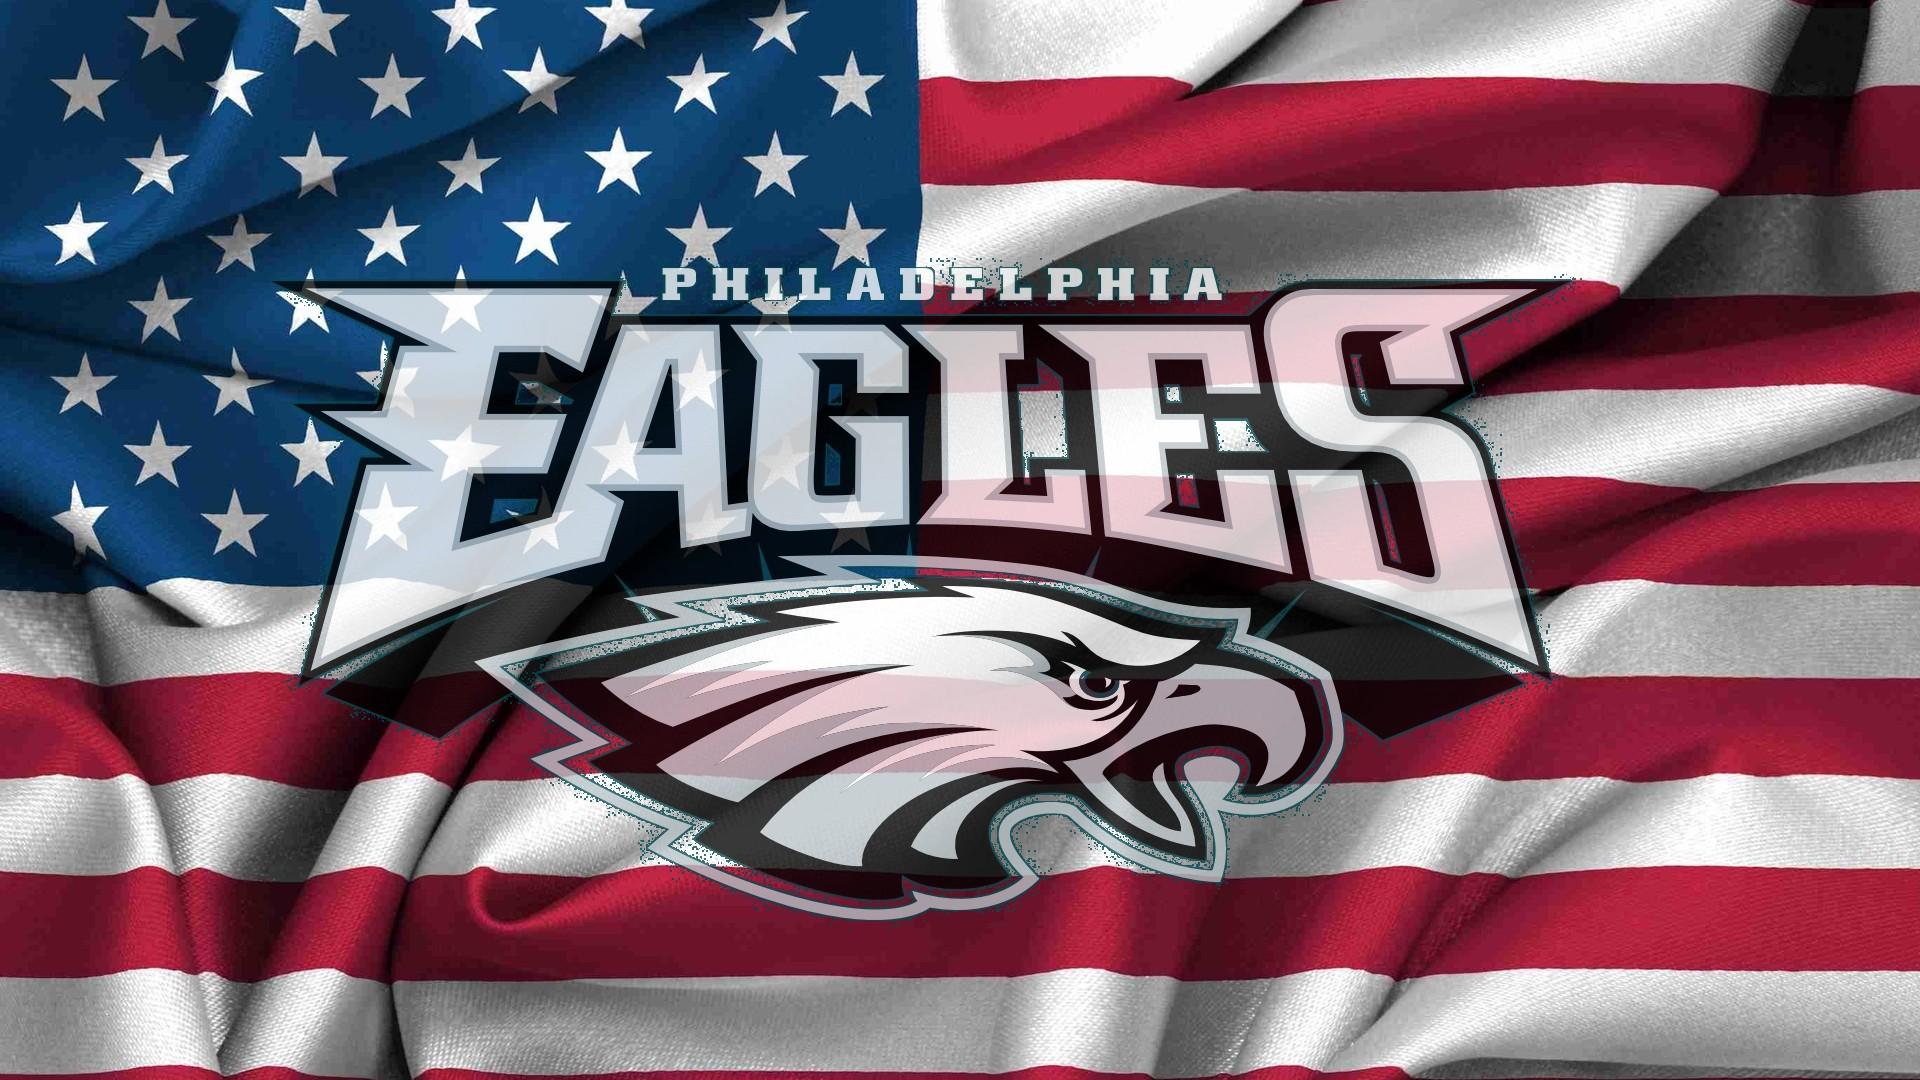 Philadelphia Eagles Logo On Usa Flag Windy 1920x1080